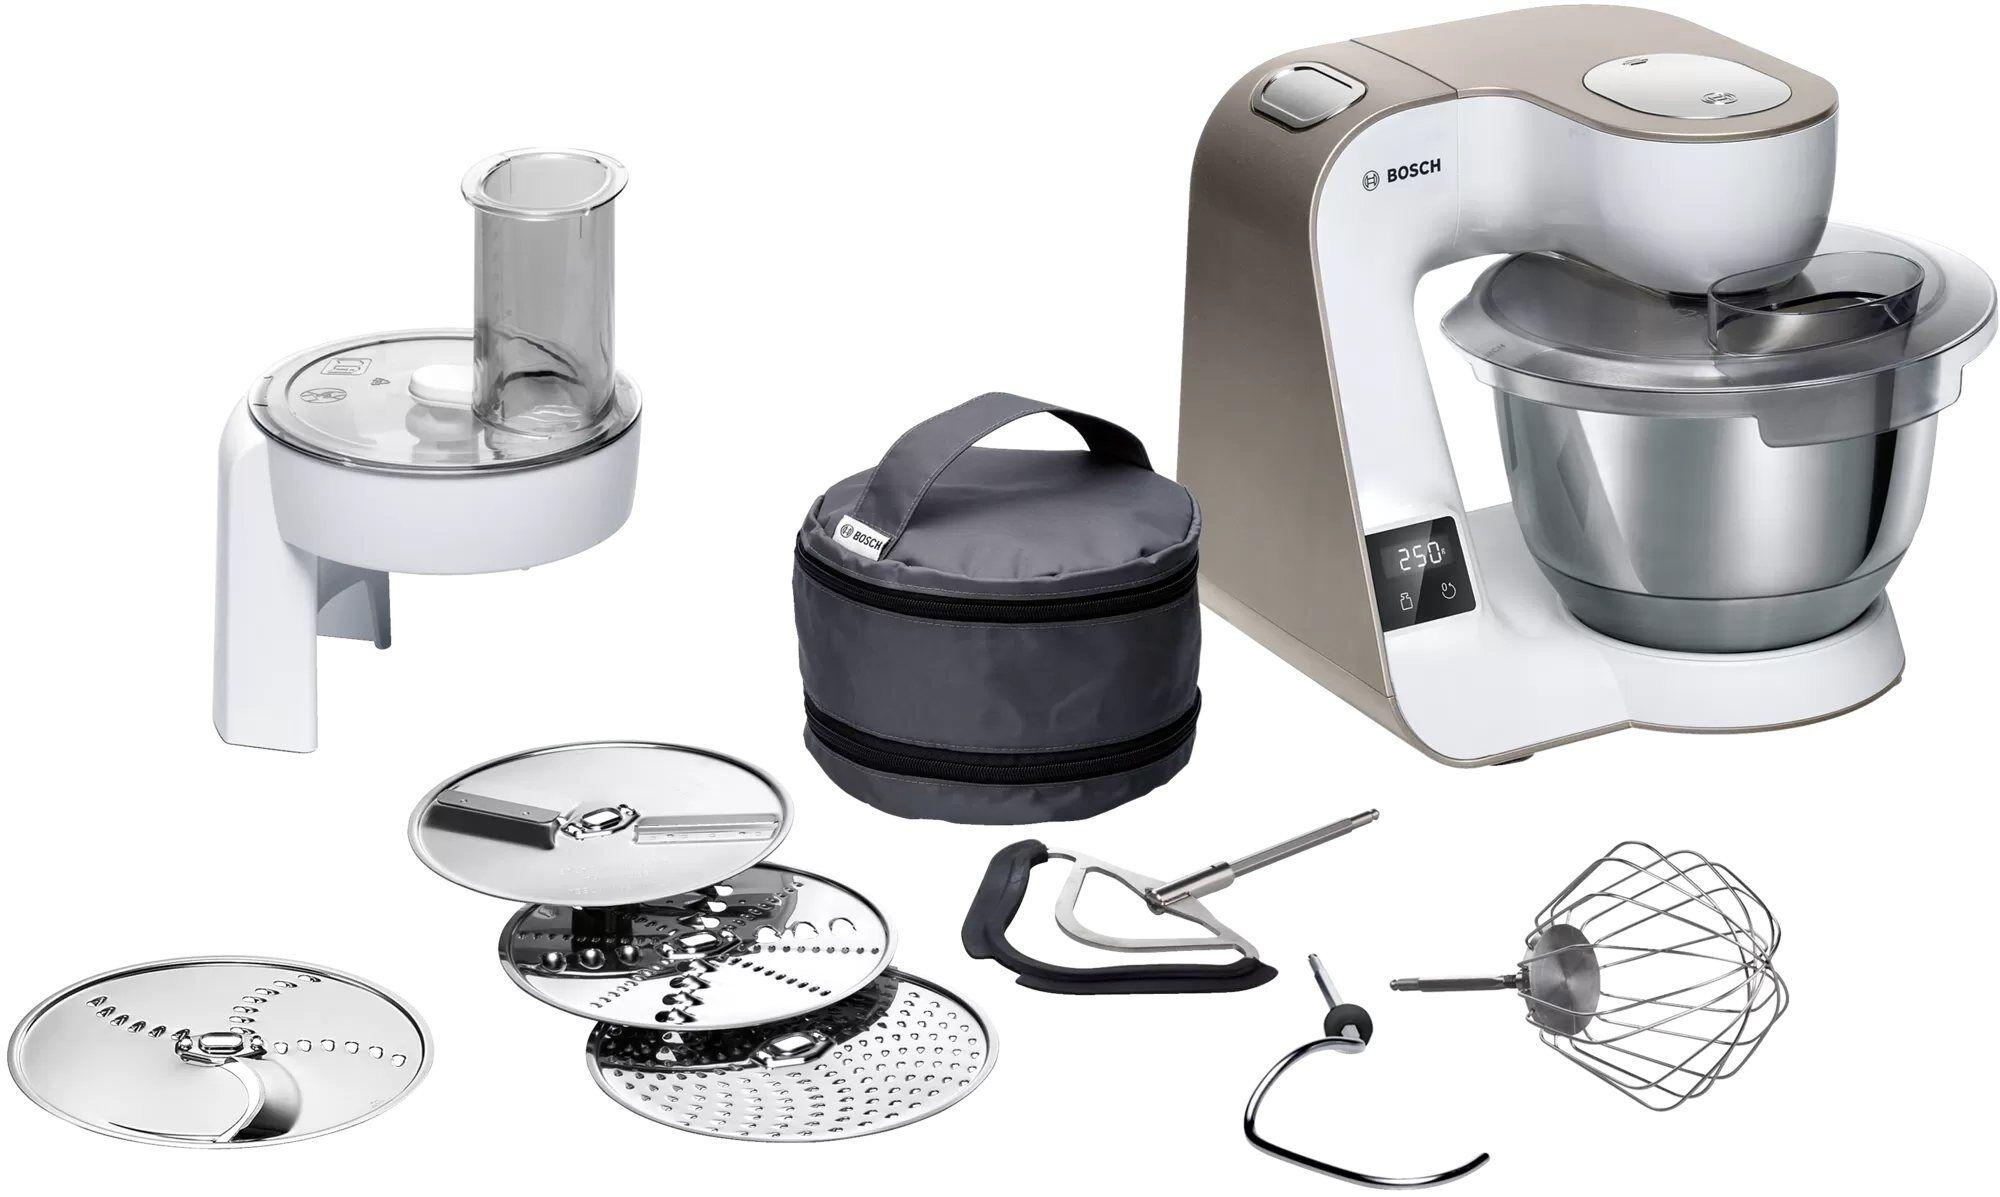 Bosch Küchenmaschine MUM5XW10 MUM5 1000W mit integrierter Waage, 1000 W, 3.9 l Schüssel